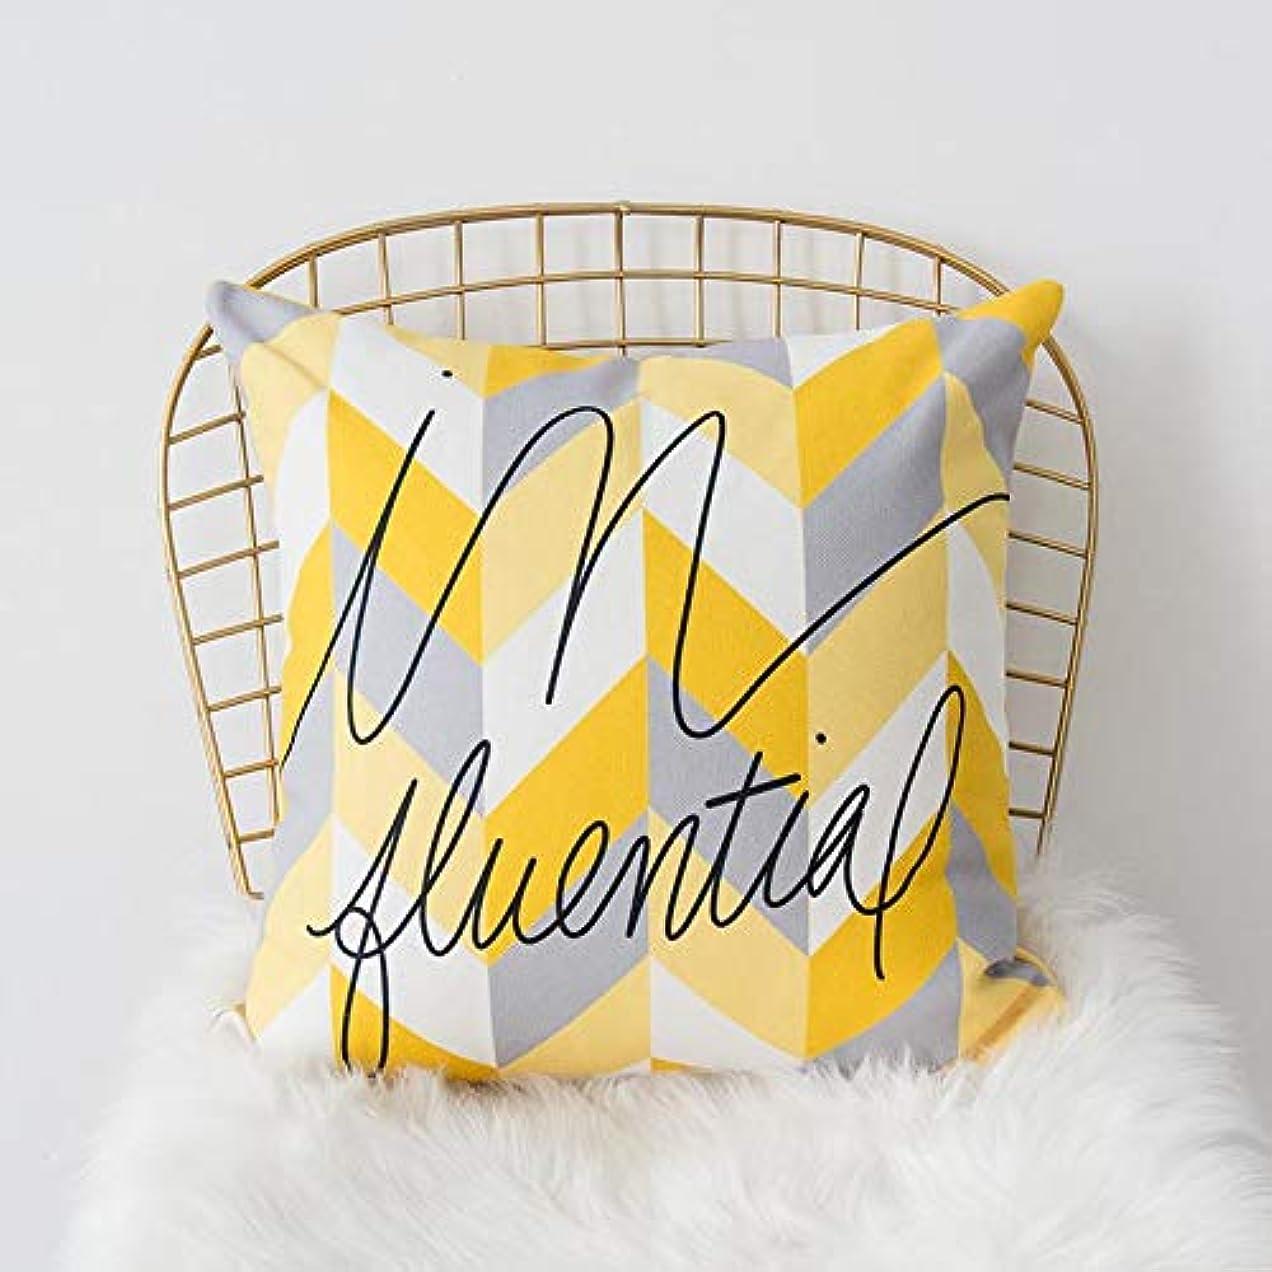 民間人見出し忌まわしいSMART 黄色グレー枕北欧スタイル黄色ヘラジカ幾何枕リビングルームのインテリアソファクッション Cojines 装飾良質 クッション 椅子